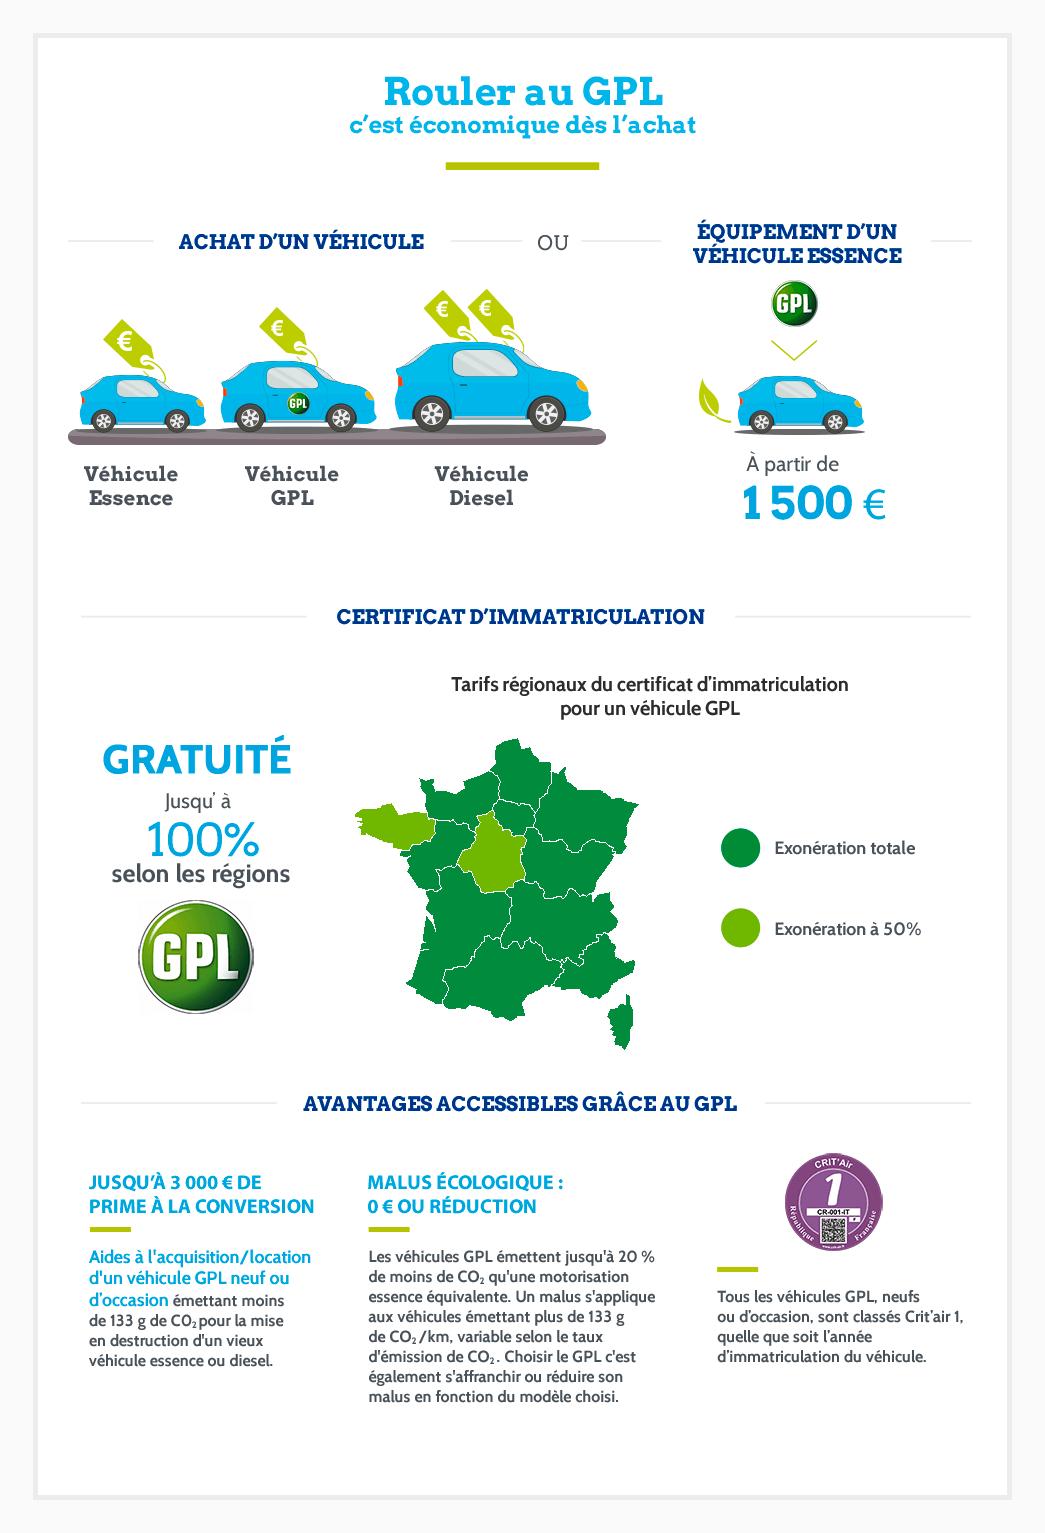 Le GPL, réduire son budget voiture dès l'achat